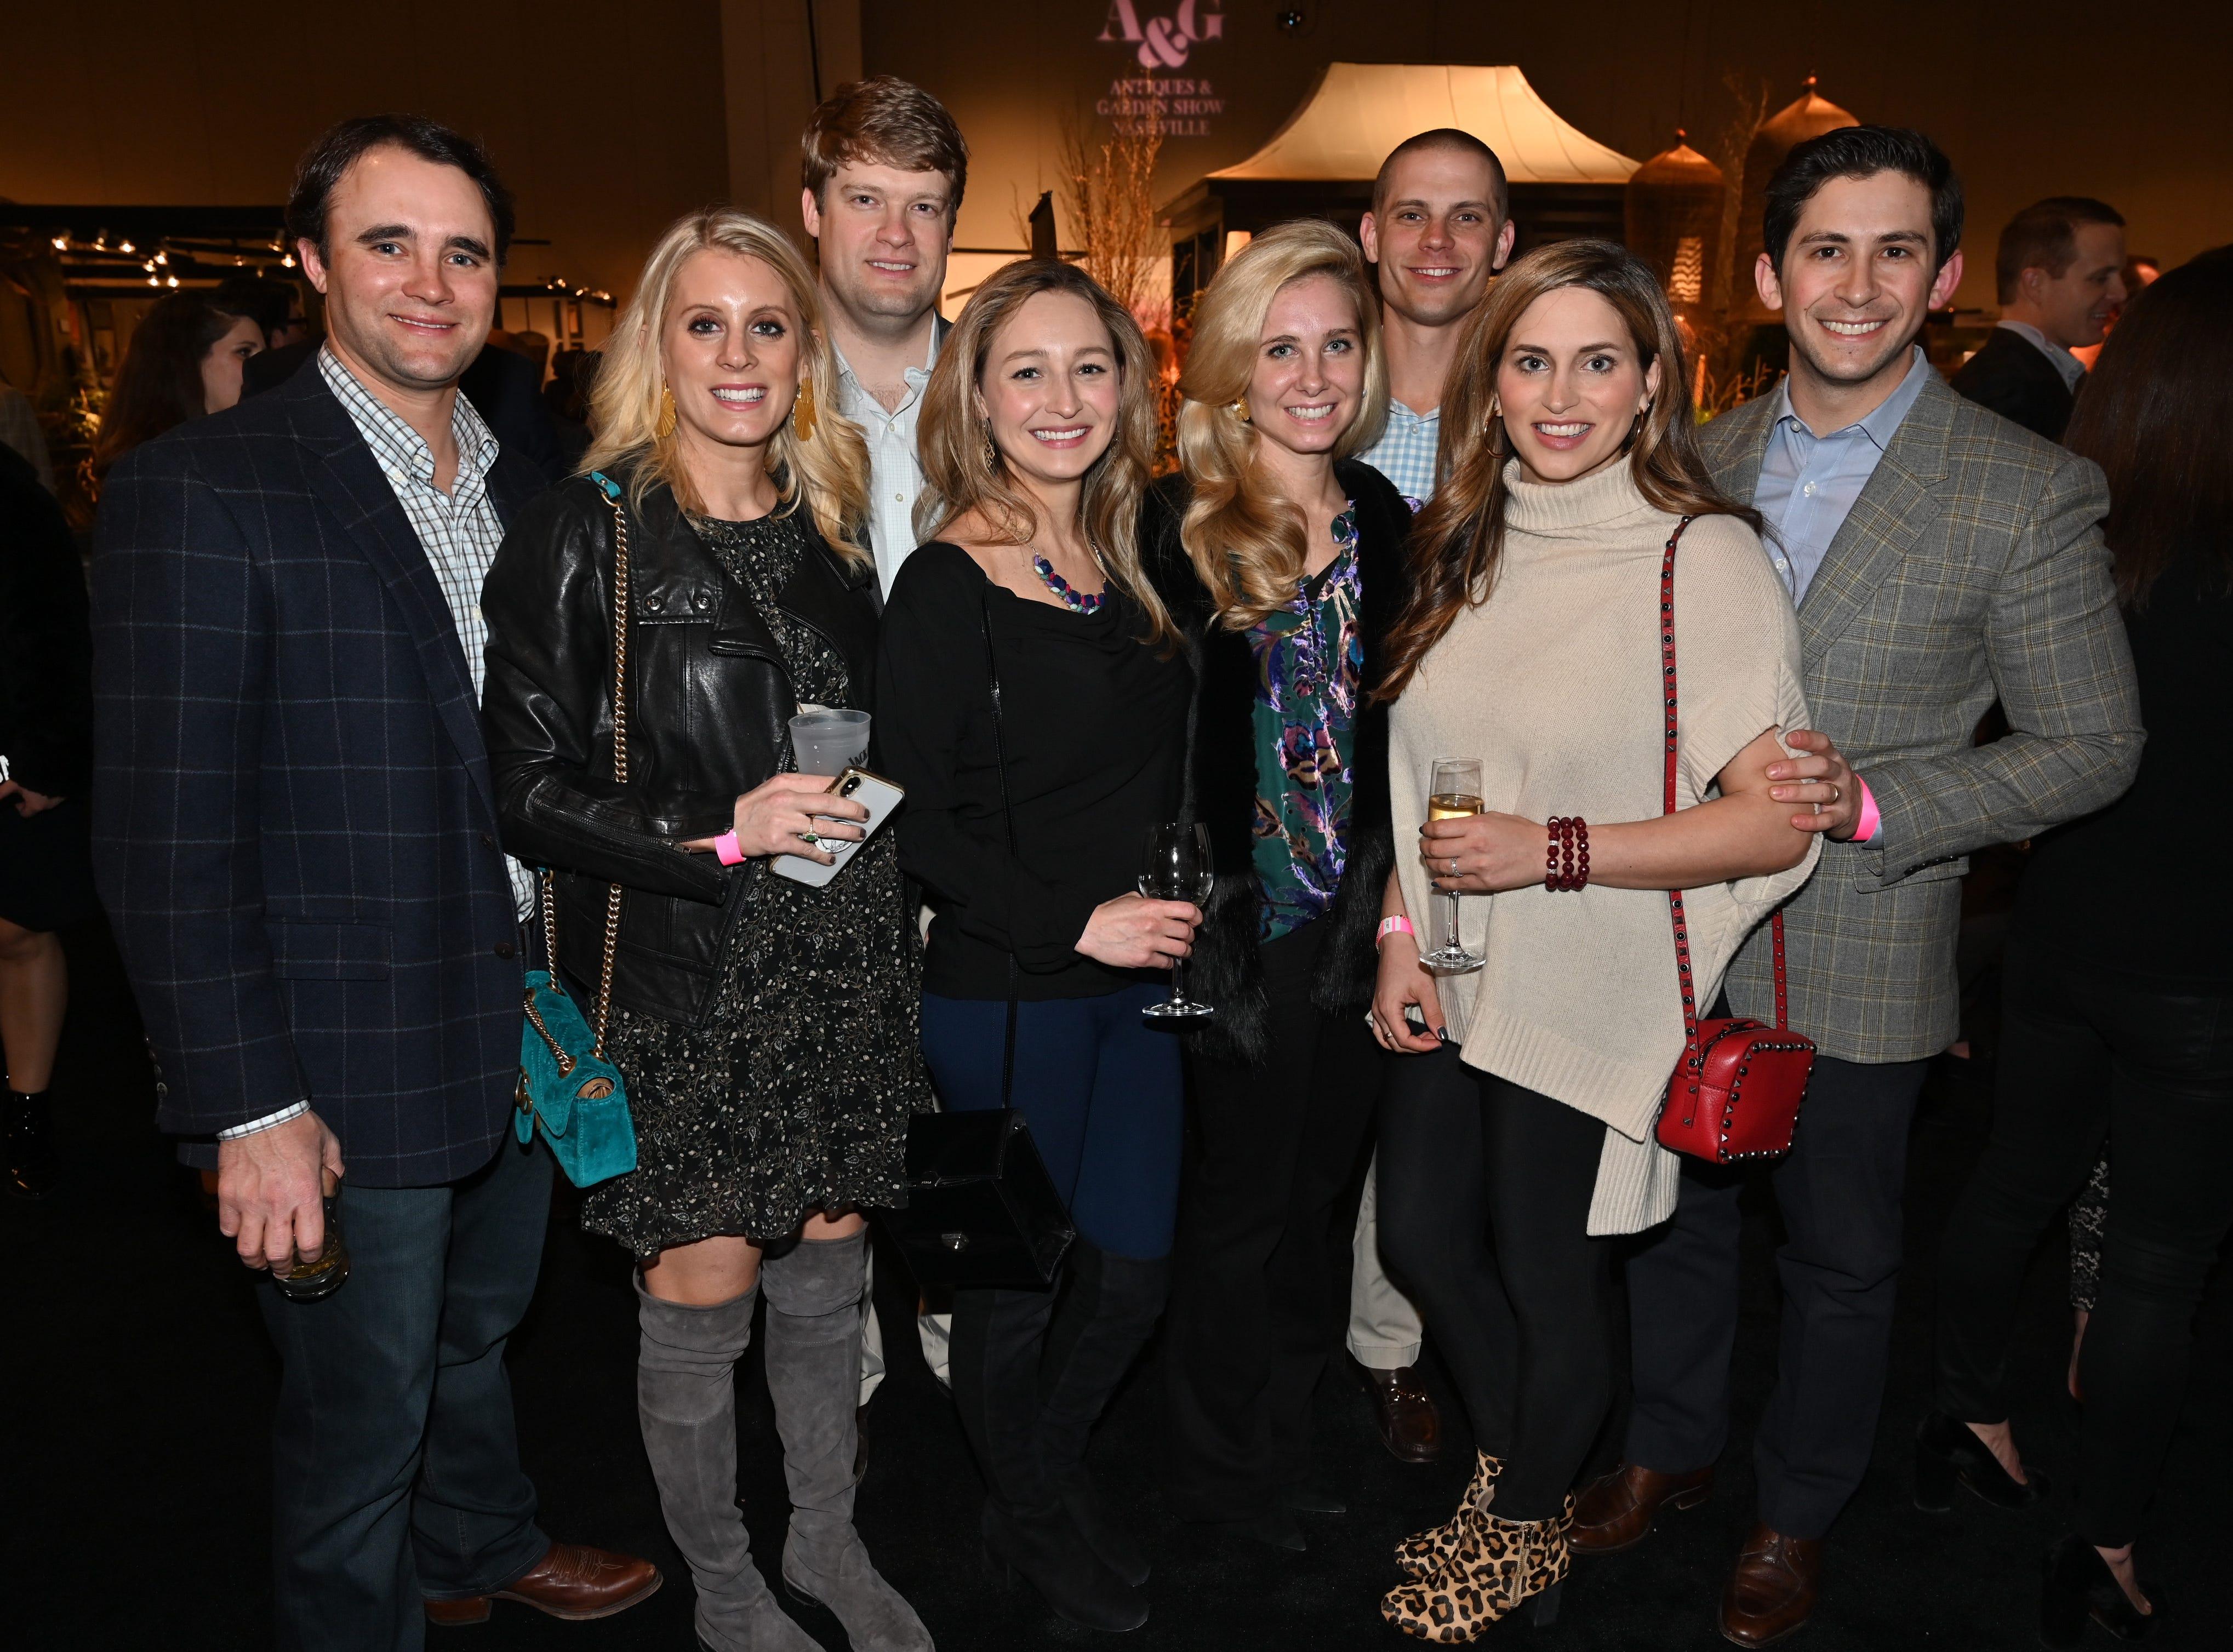 Hunter and Jacklene Creekmore, Charlie and Amy Morgan, Stephanie and Blake Carter, Dina and Jonathan Gluck